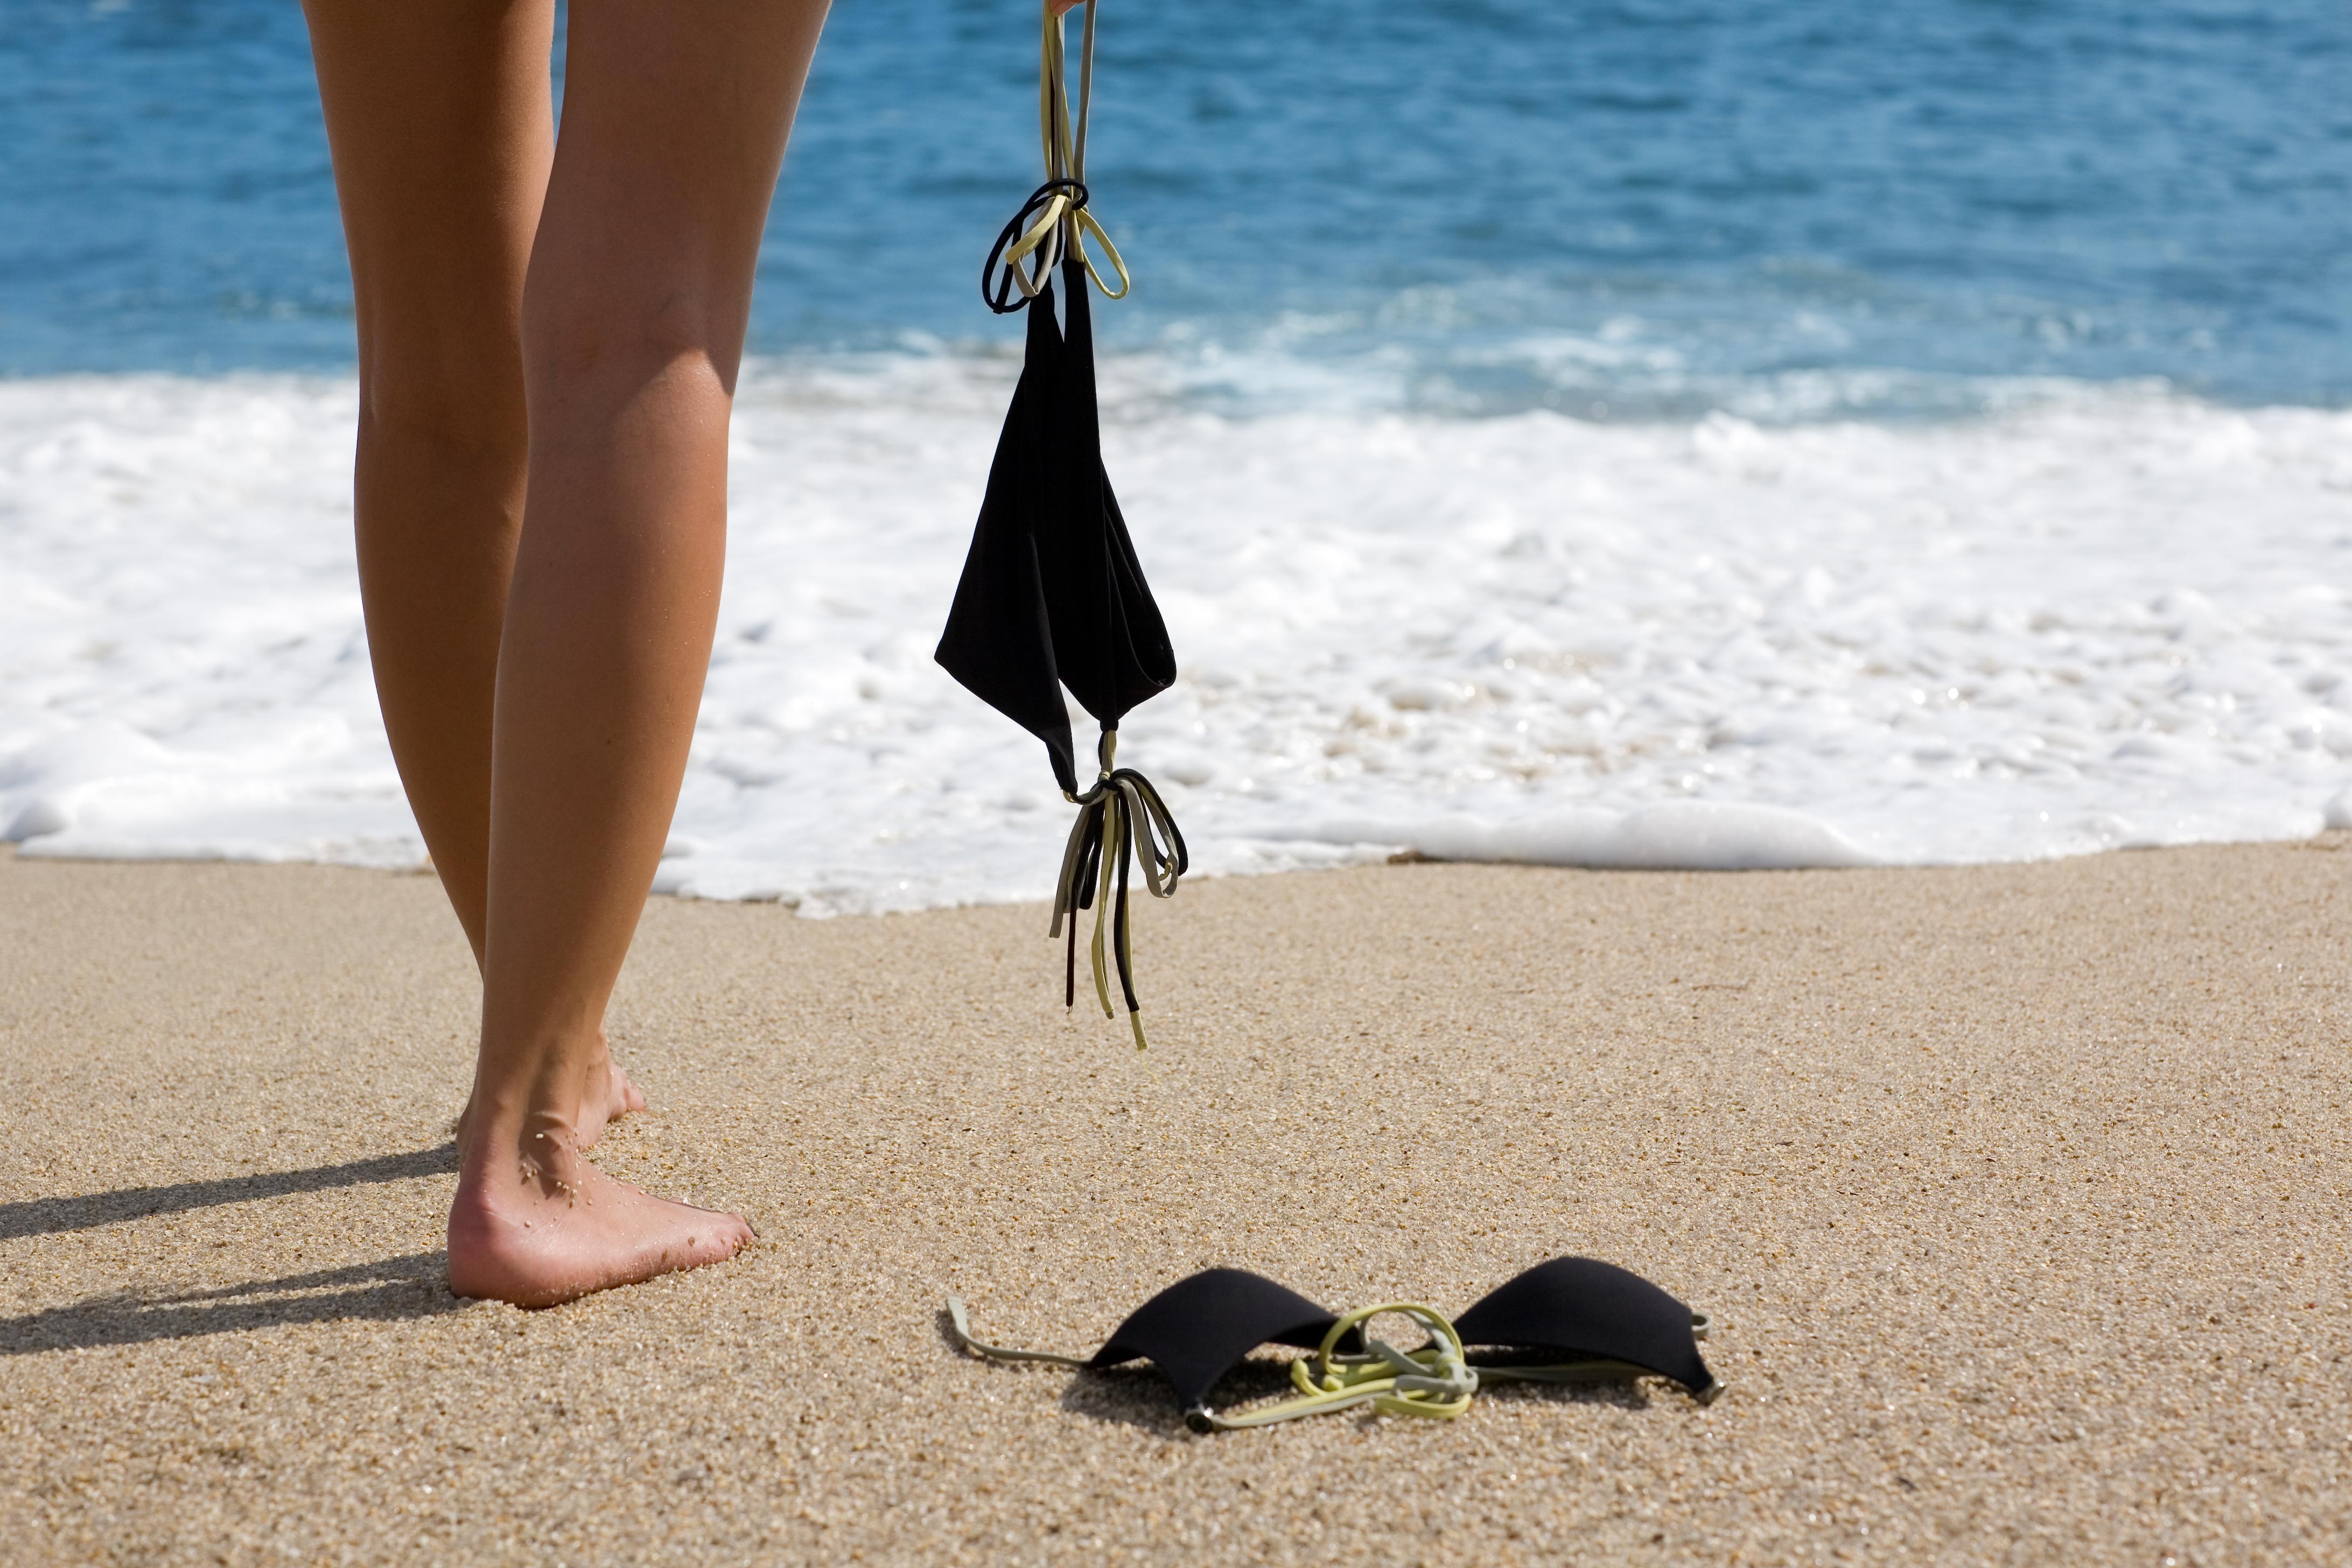 Nudist beach keeps amazing us with eye-catching girl